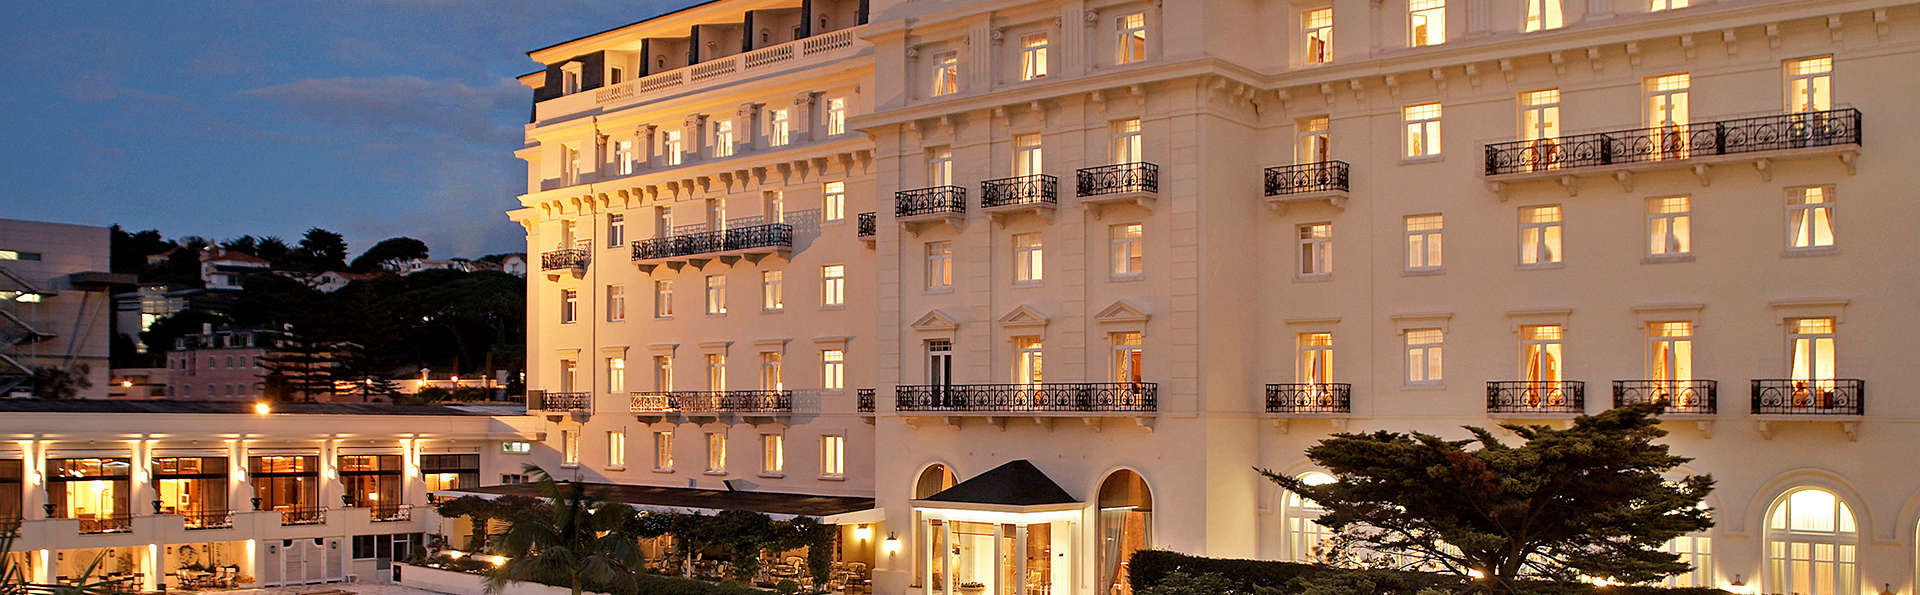 Palacio Estoril Hotel Golf & Spa - edit_frontX.jpg